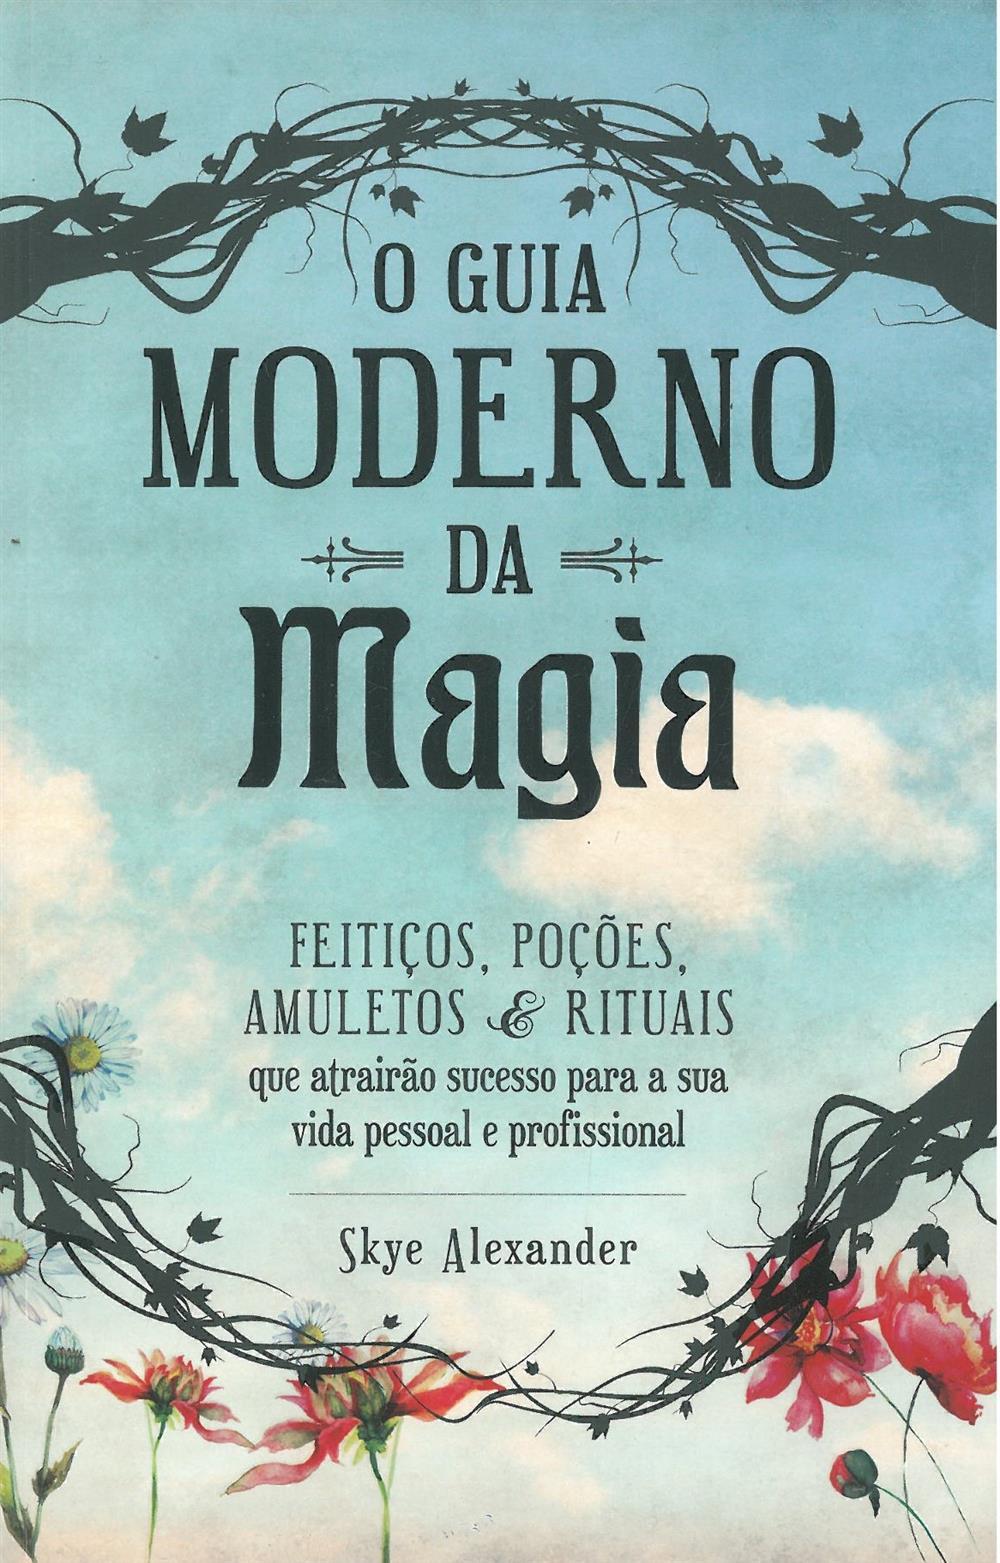 O guia moderno da magia.jpg